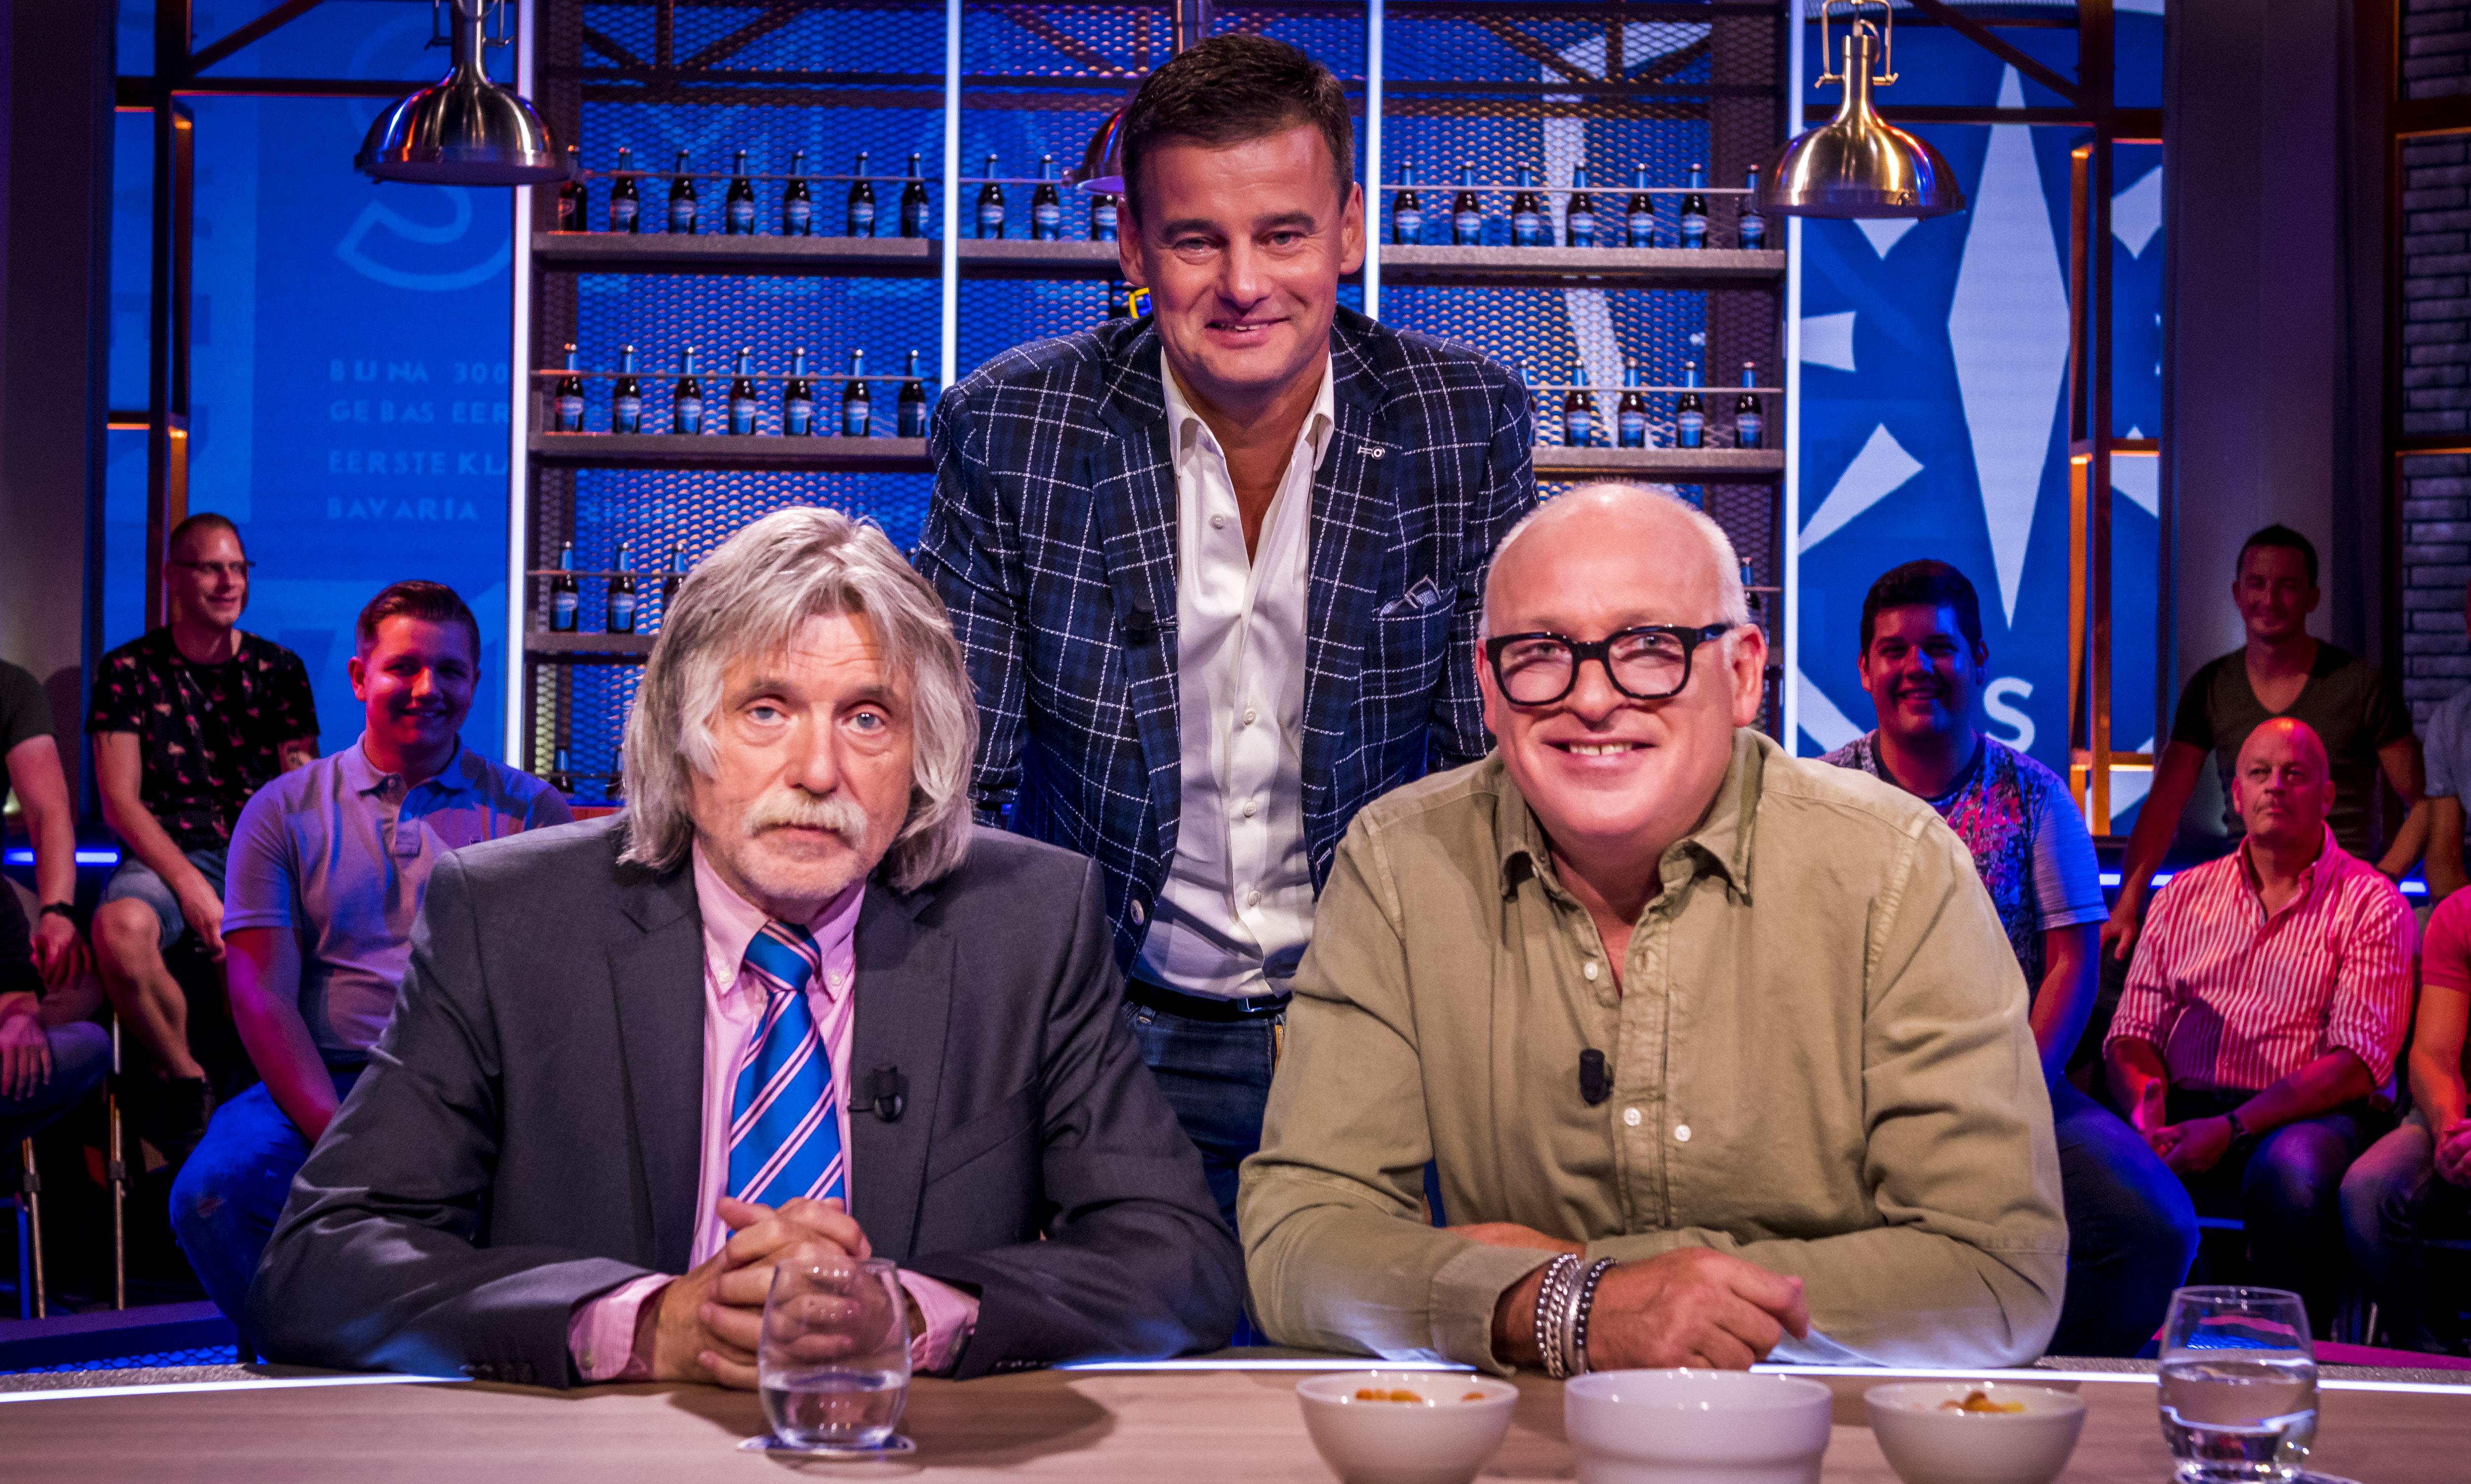 Een foto van Johan Derksen, Wilfred Genee en René van der Gijp bij Veronica Inside